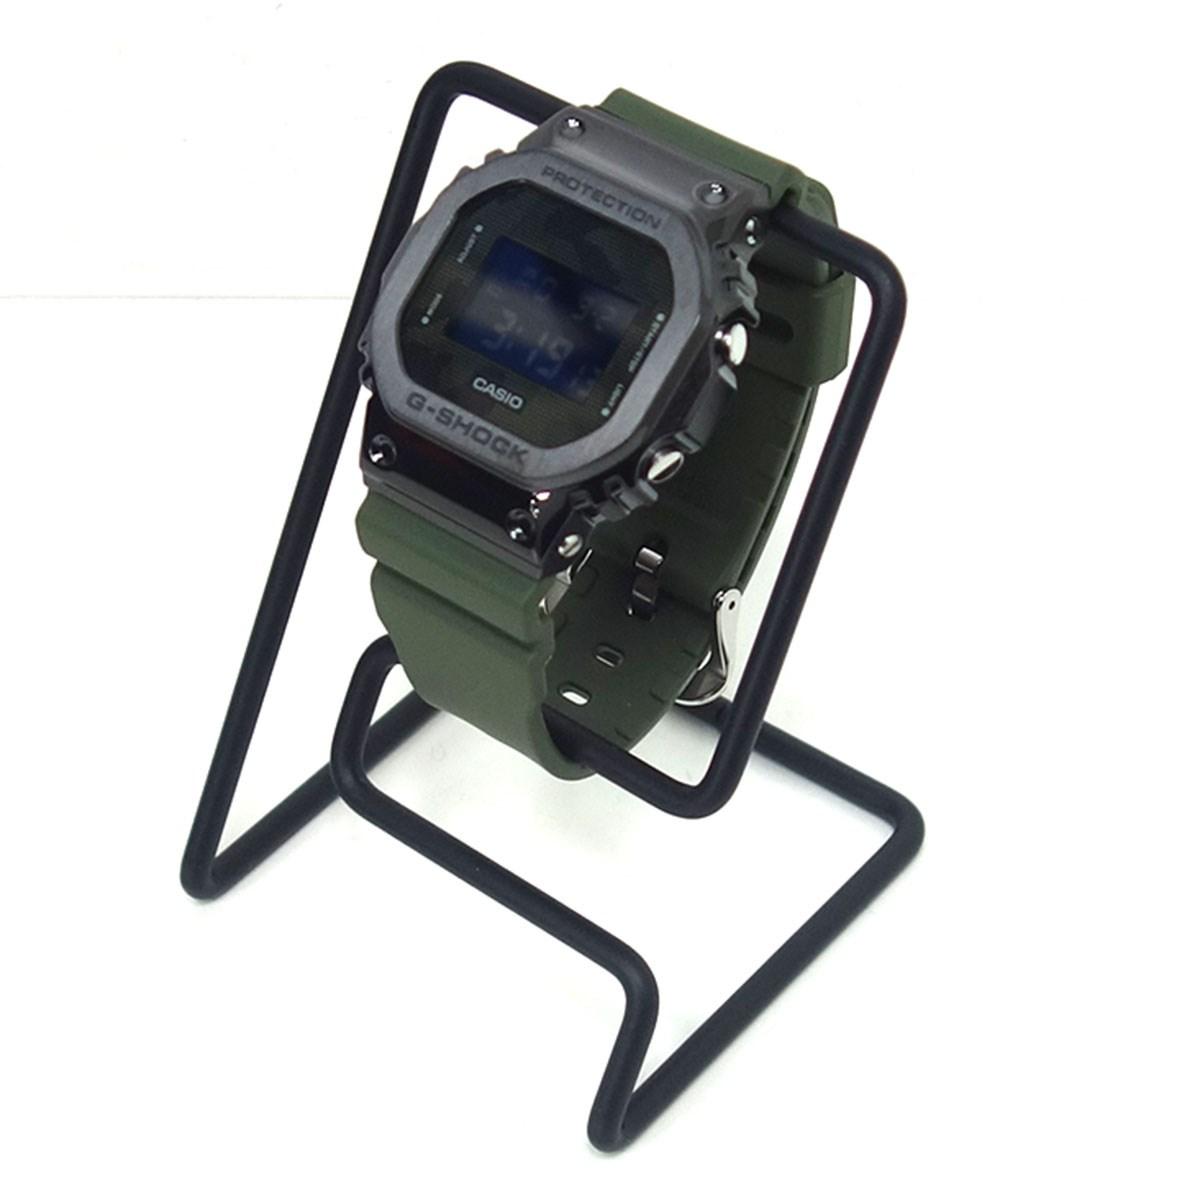 公式サイト 【】CASIO G-SHOCK 「ORIGIN」腕時計 GM-5600B-3JF オリーブ サイズ:- サイズ:-【021020】(カシオ【021020 GM-5600B-3JF】(カシオ ジーショック), 掛け軸絵画の専門店 掛軸堂画廊:b72b4332 --- assenheims.co.uk